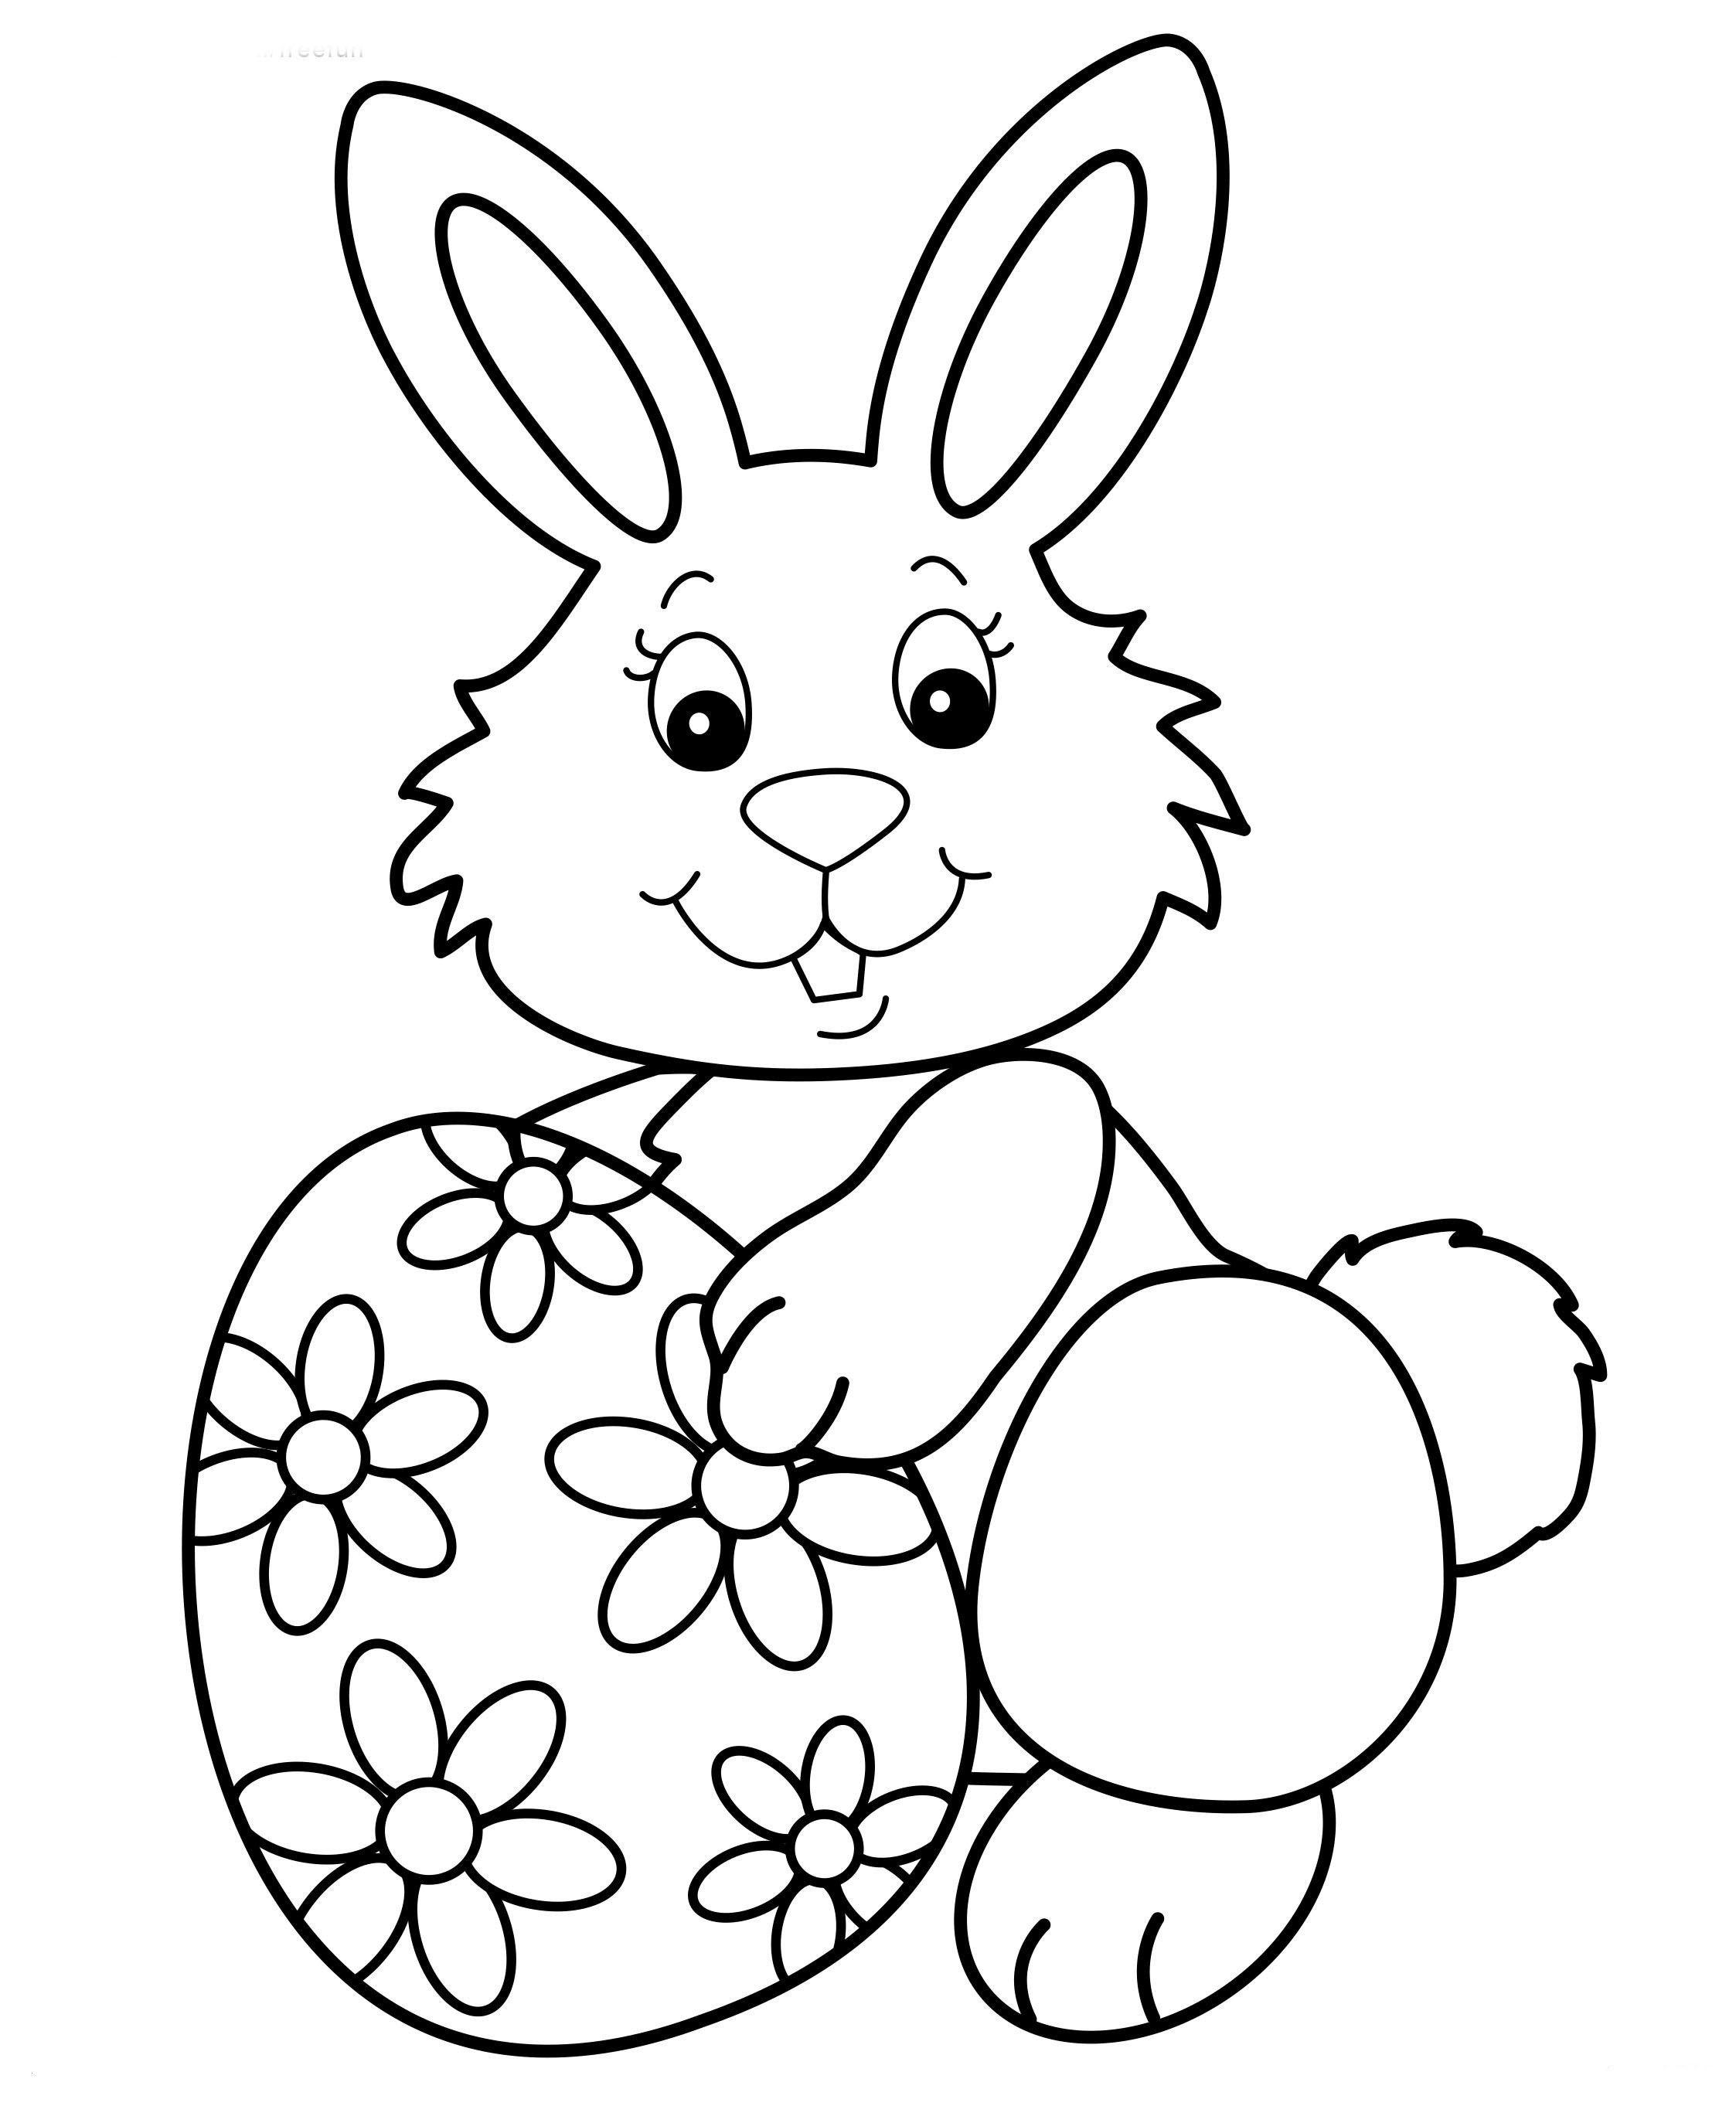 Ausmalbilder Hasen Zum Ausdrucken Einzigartig Hase Malen Vorlage Aufnahme Stock Kinder Bilder Osterhase Malen Malvorlage Hase Malvorlagen Ostern